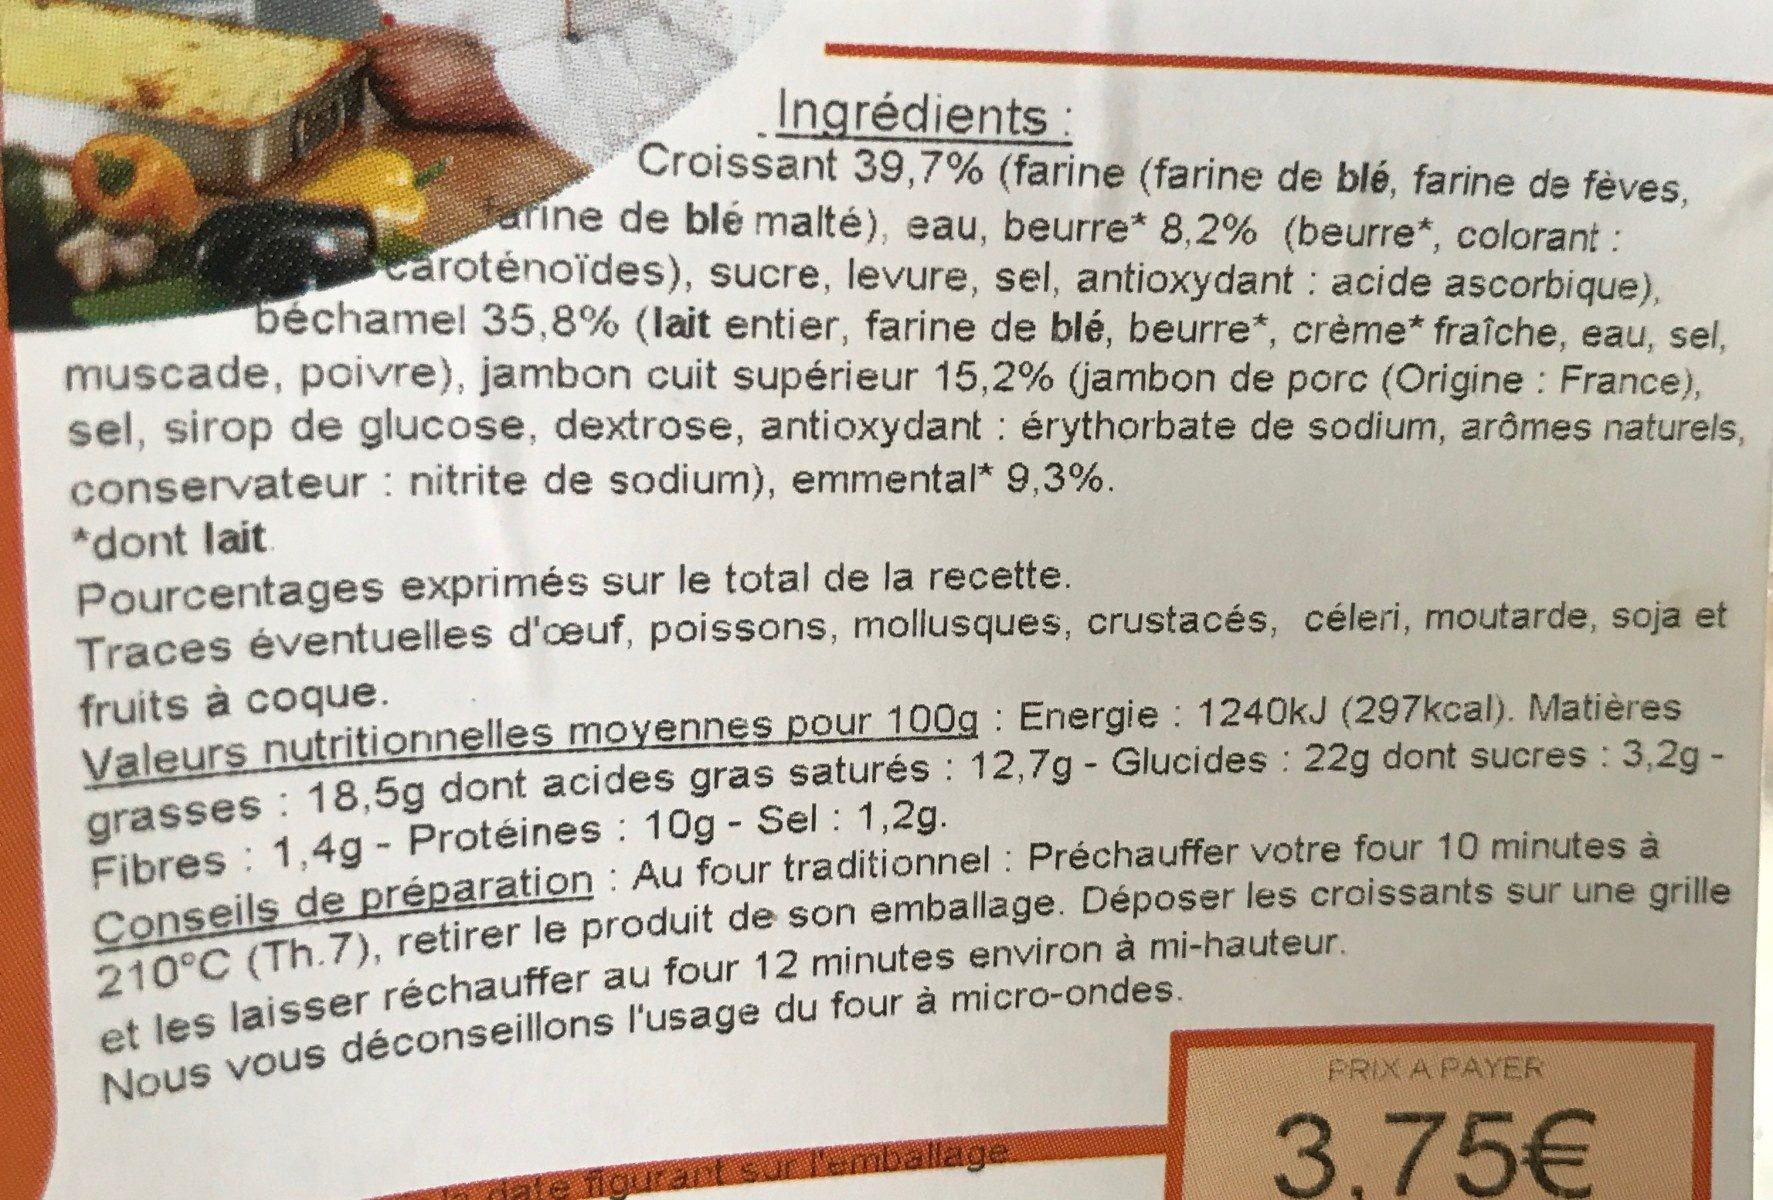 Croissant au jambon - Ingredients - fr